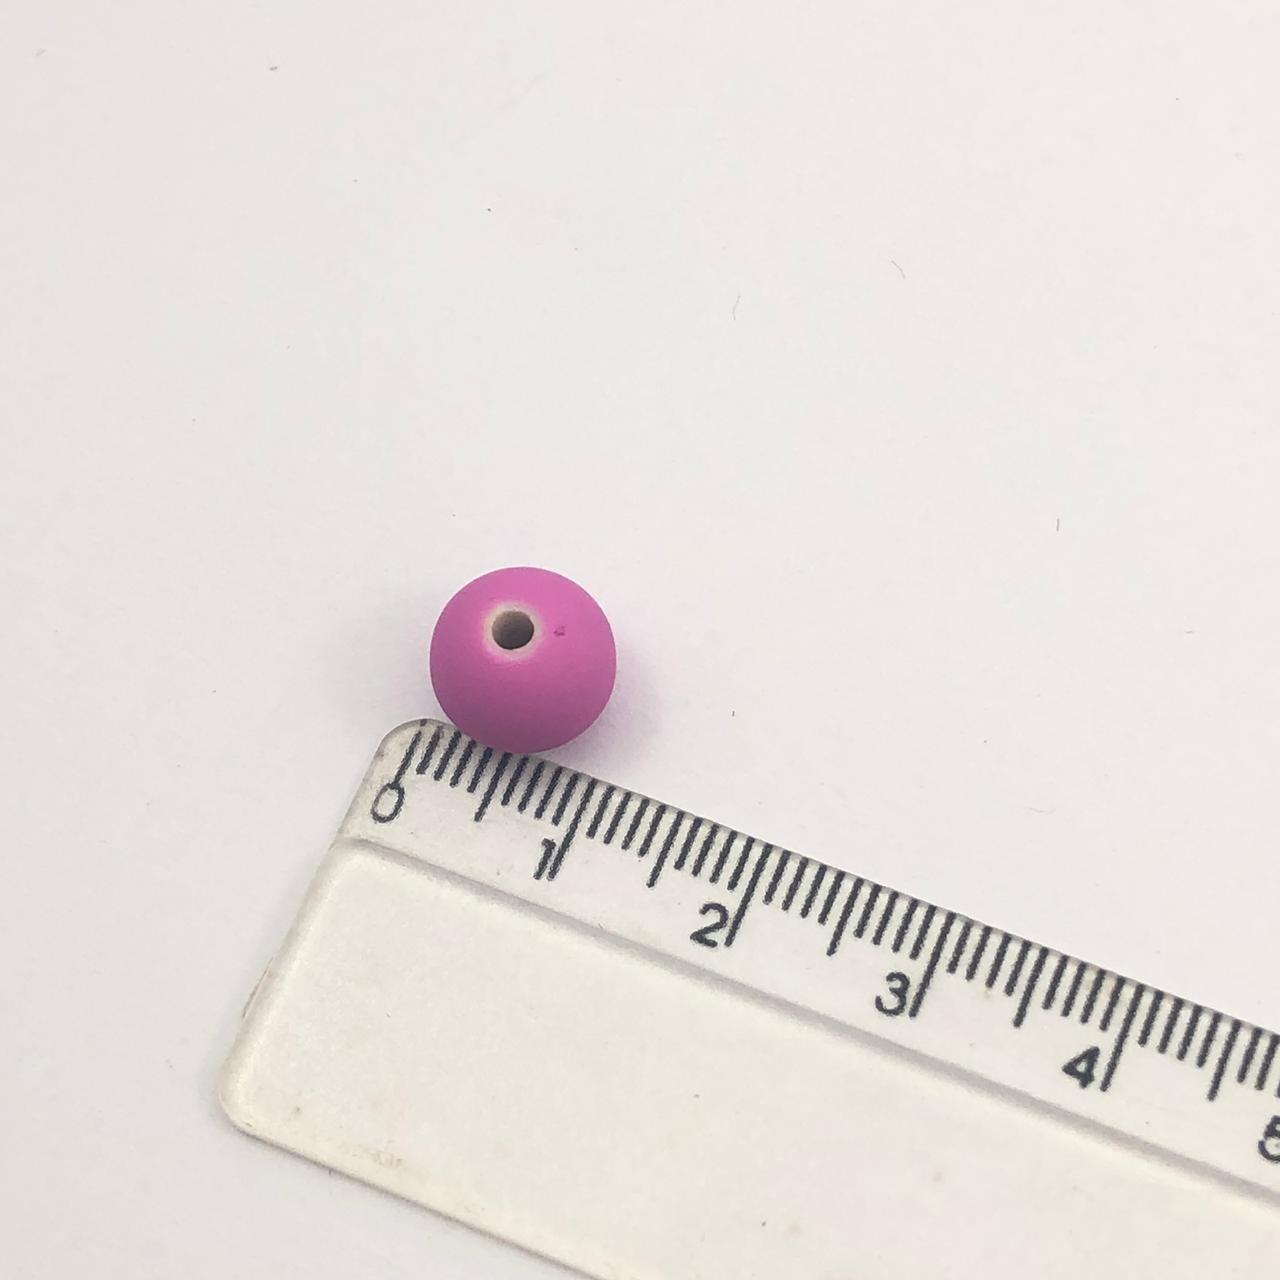 BOL289 - Bola Emborrachada Fuchsia 10mm - 20Grs